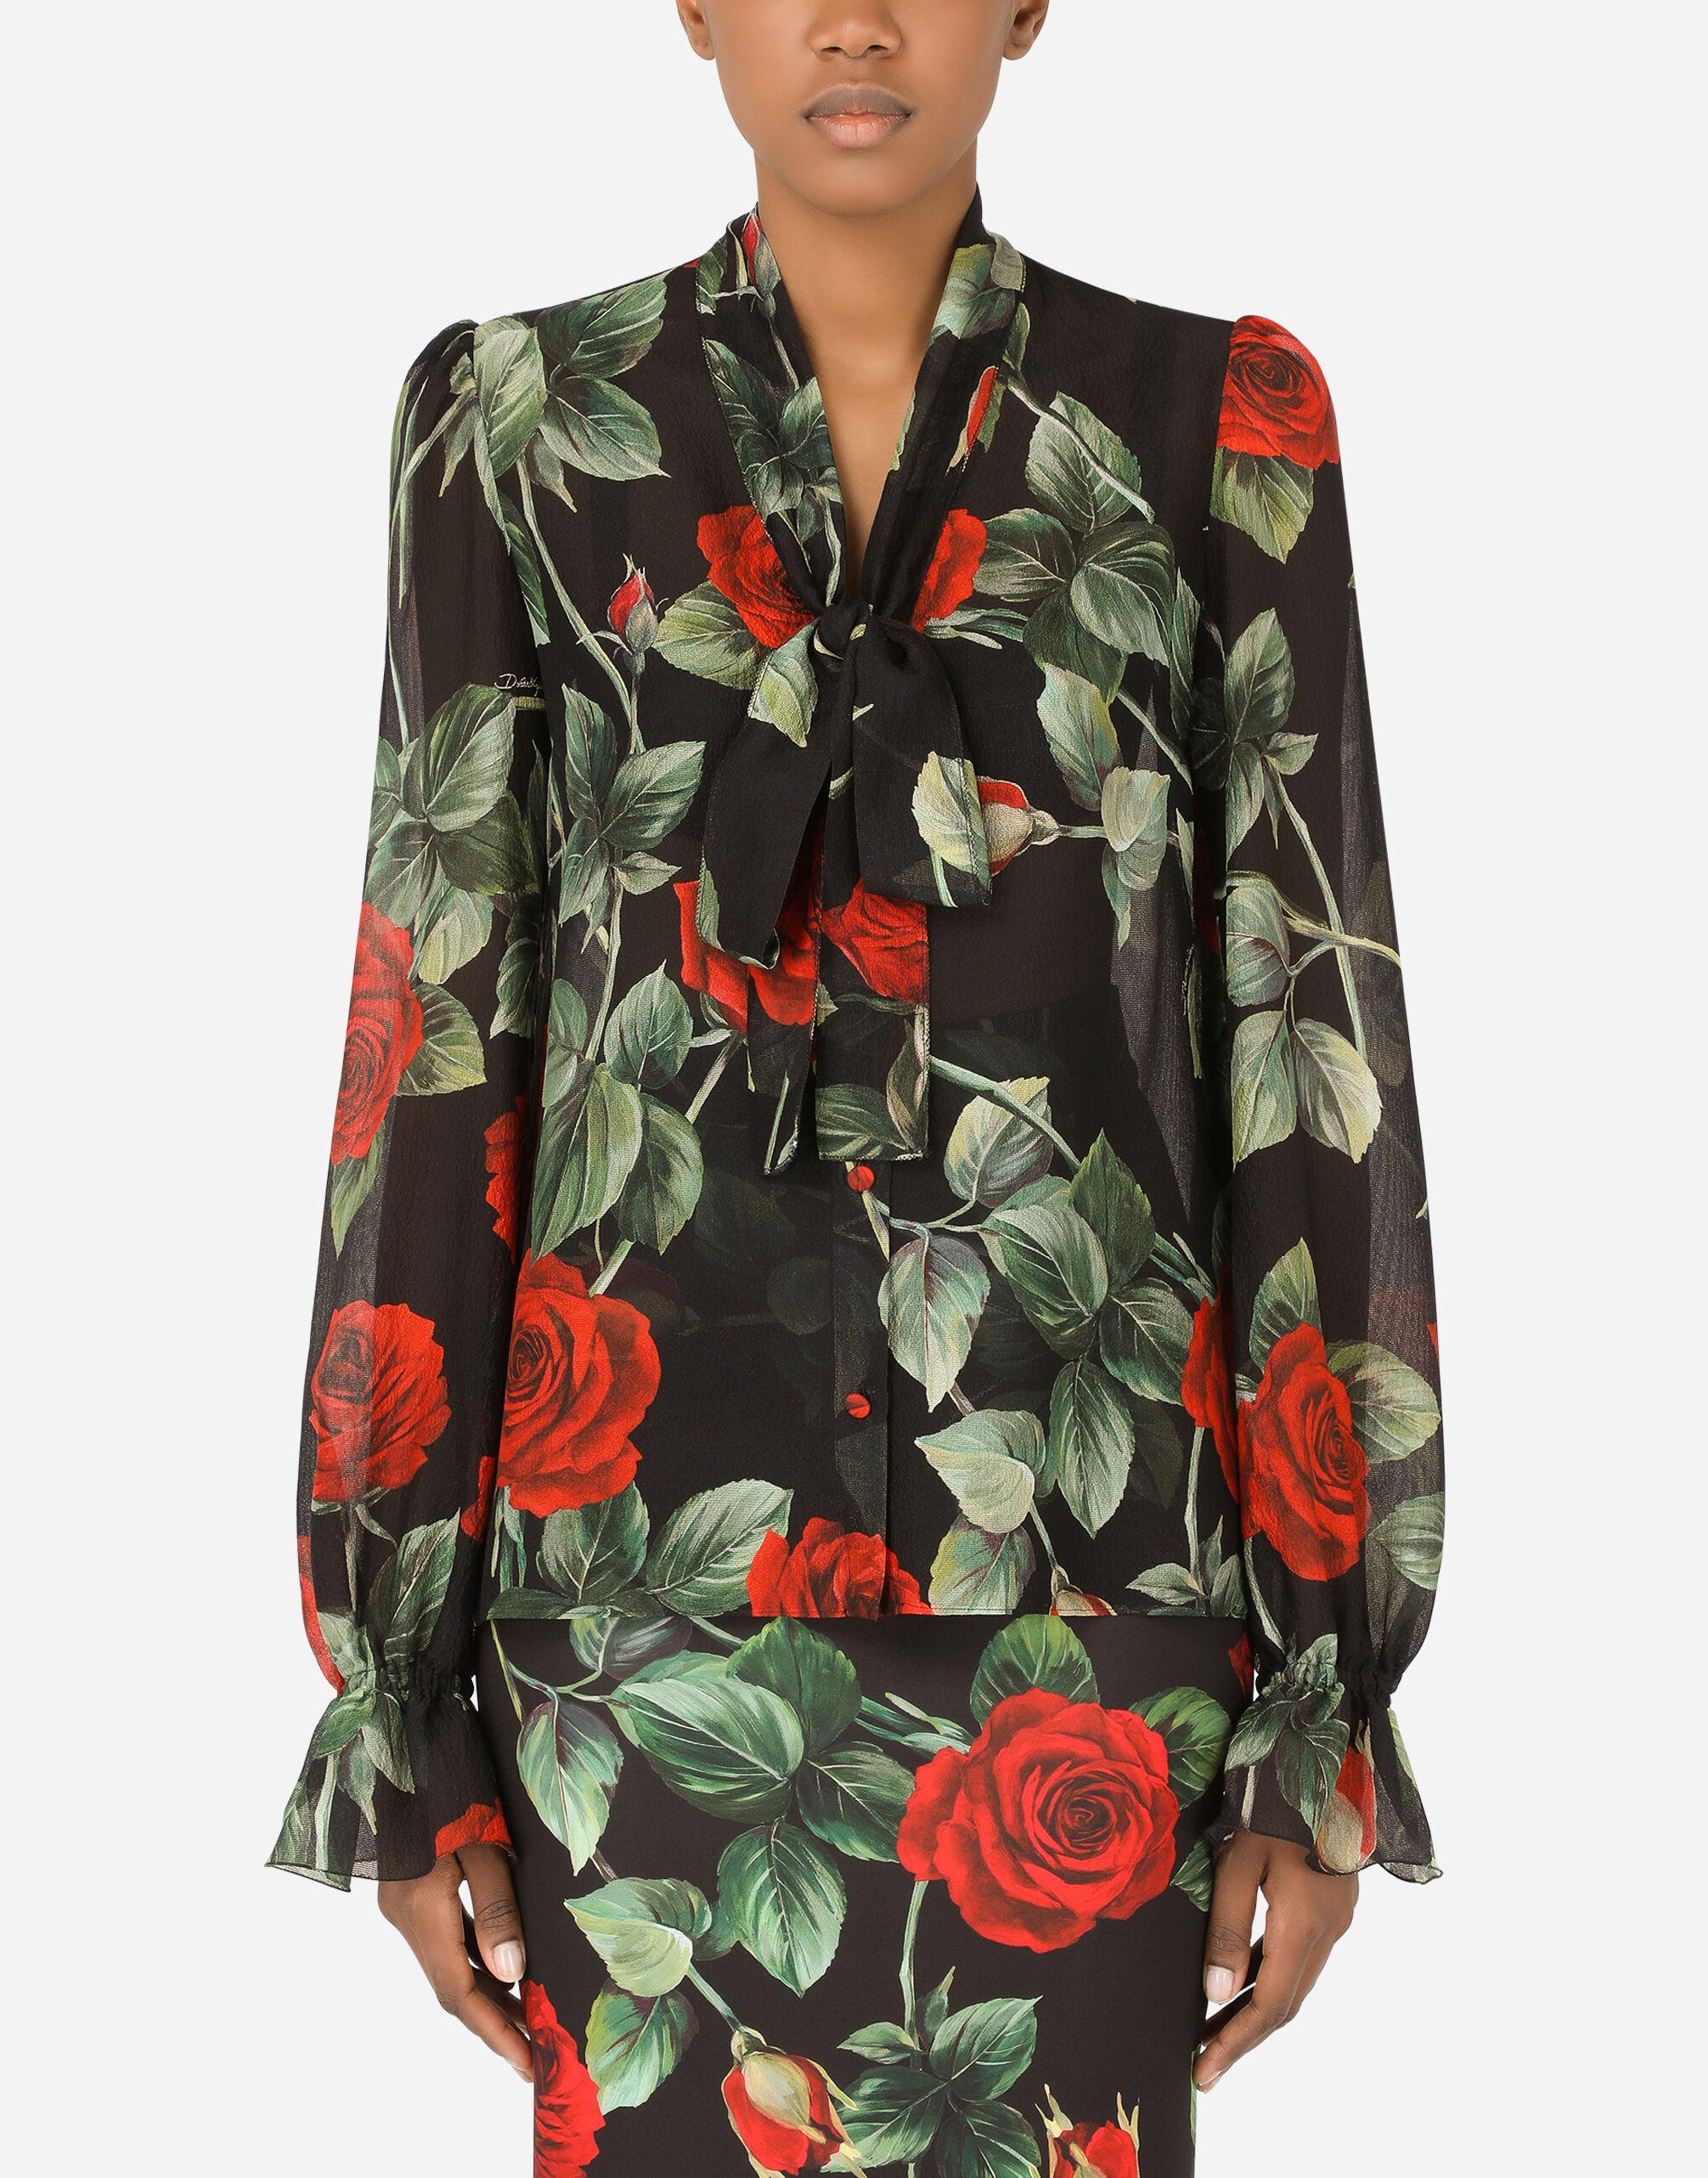 Camicia in chiffon armaturato stampa rose con fiocco